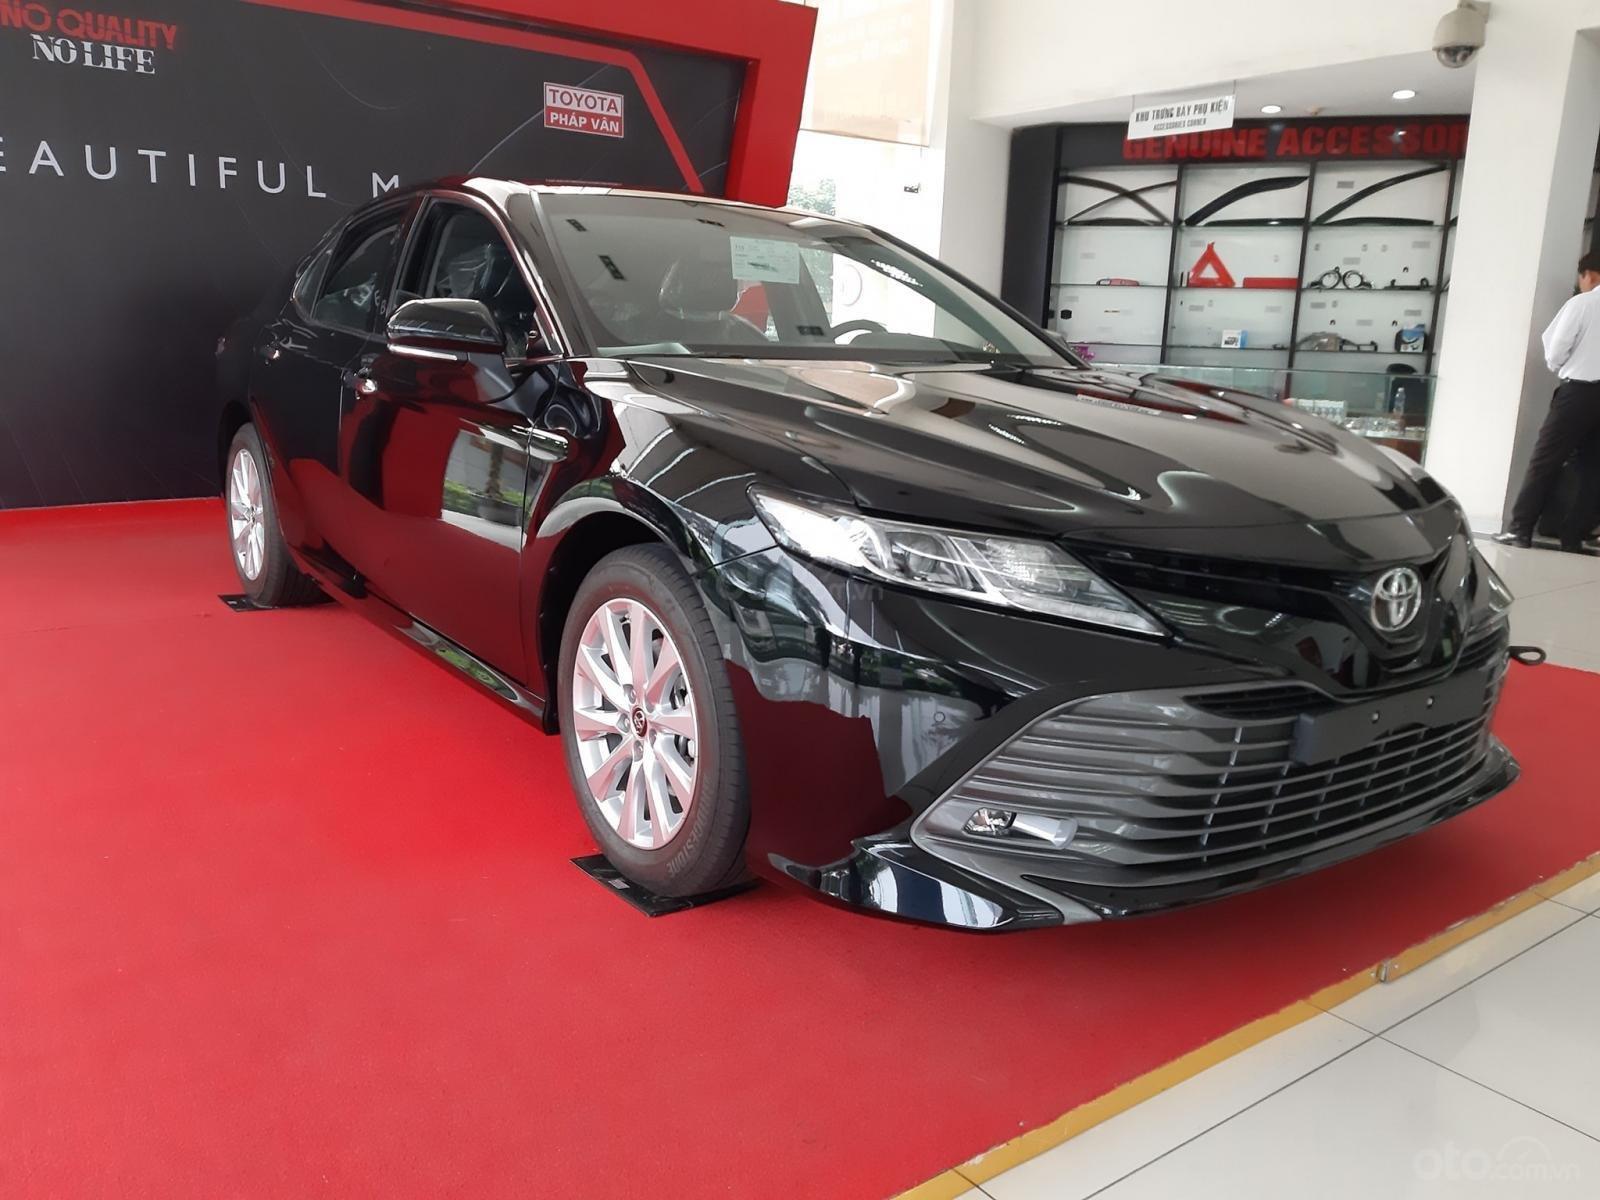 Toyota Thái Hoà Từ Liêm - Bán Toyota Camry 2019 nhập khẩu nguyên chiếc giá cực tốt. LH 0964898932 để có giá tốt nhất-8